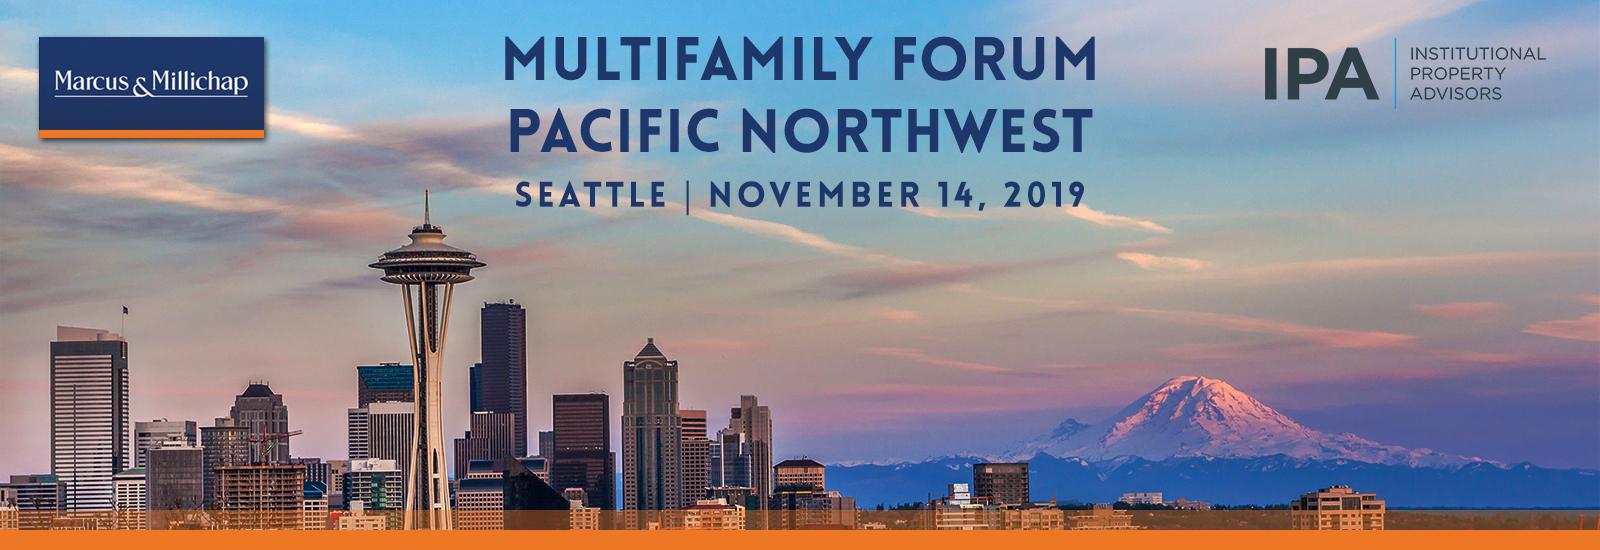 Pacific Northwest Multifamily Forum | Multifamily Forum